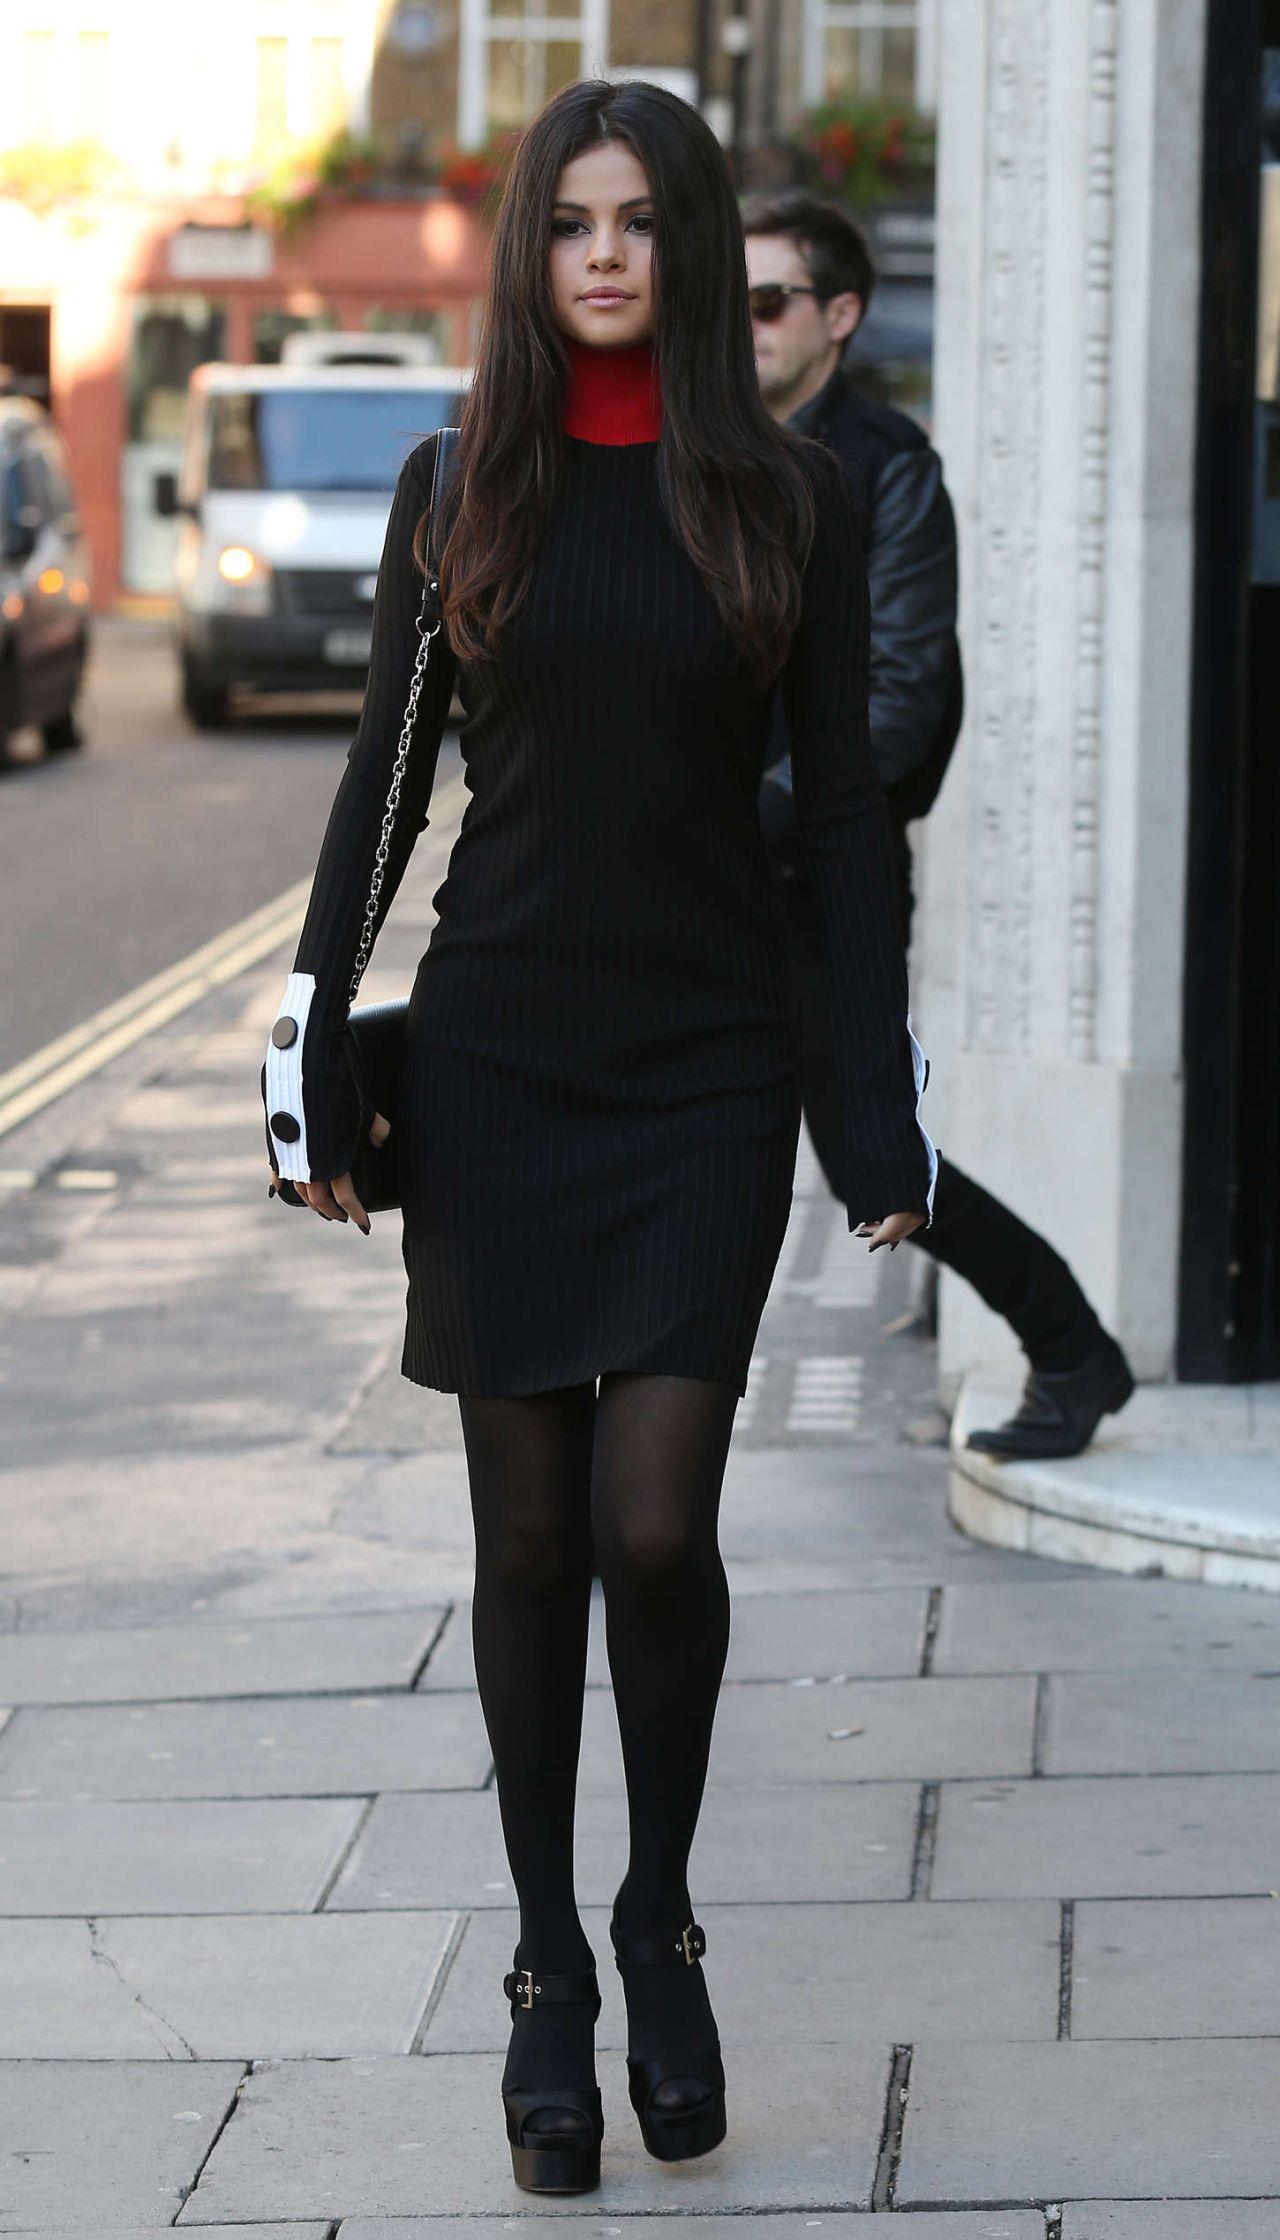 Selena Gomez Style Leaving Kiss Fm Studios In London